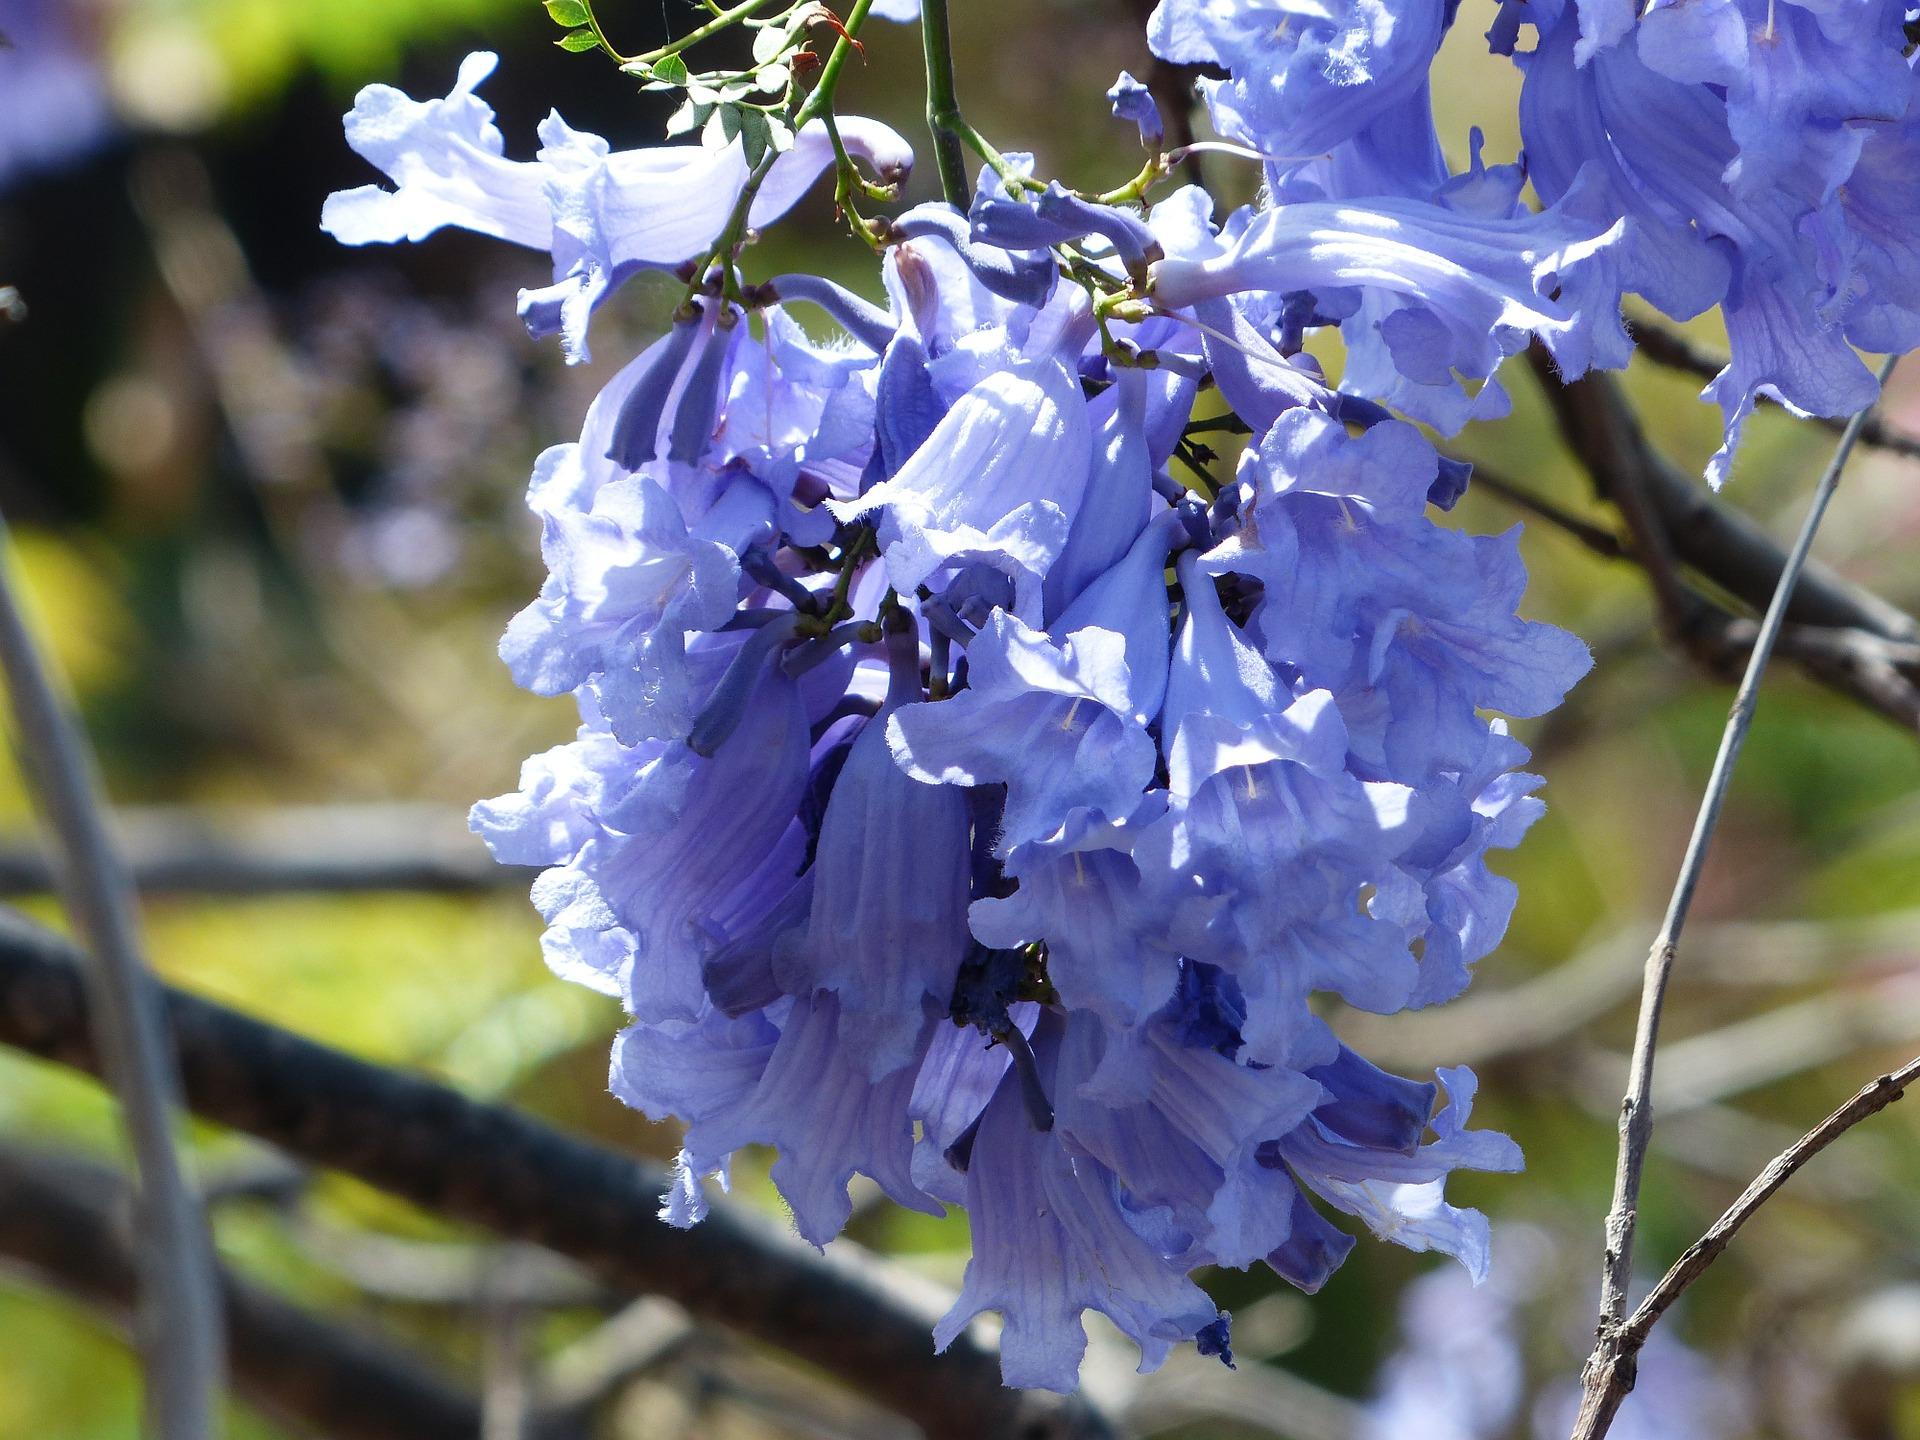 flowers-384273_1920.jpg